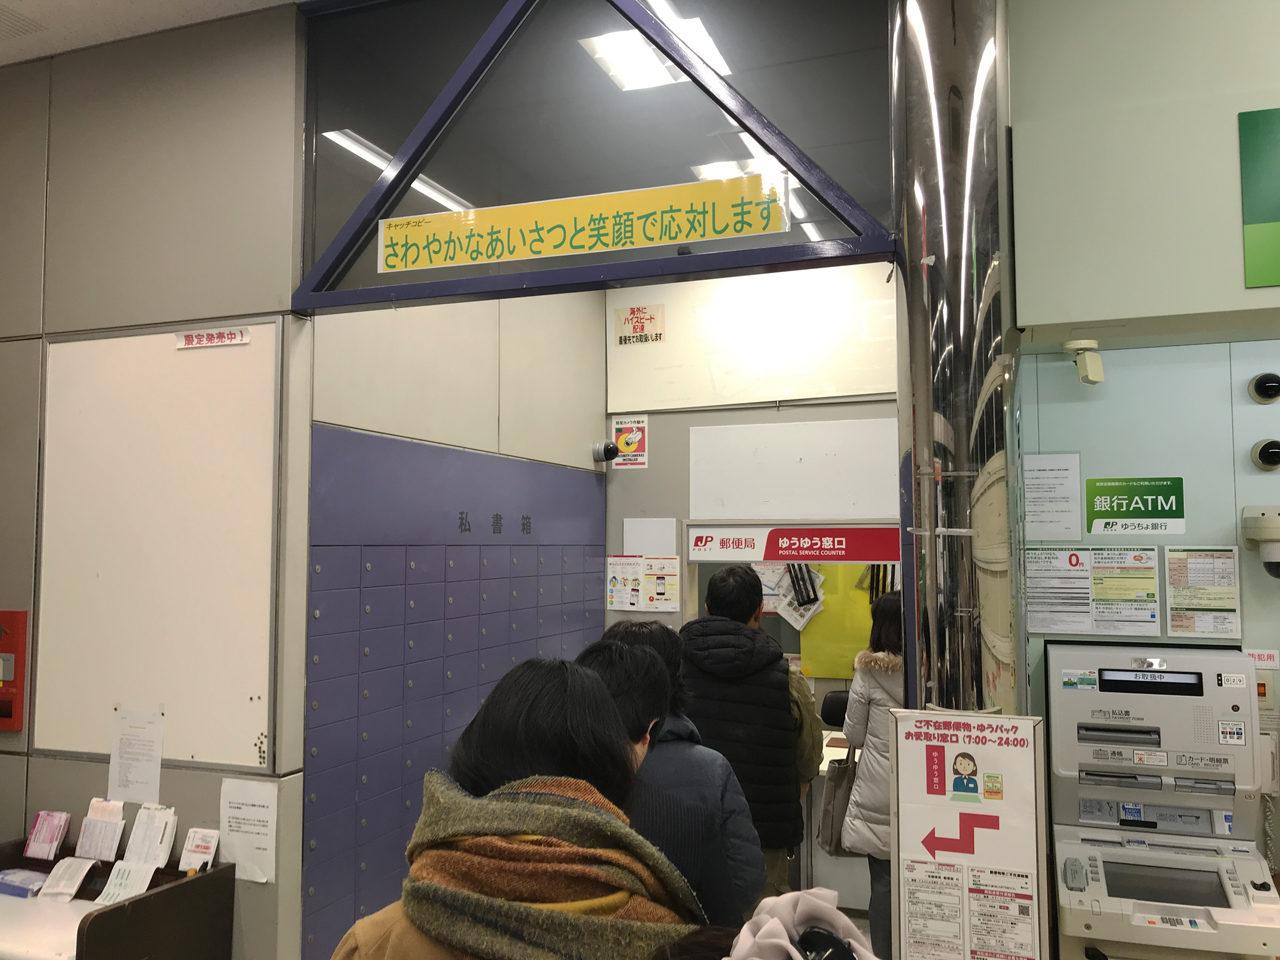 愛知県一宮市の郵便局へ賃貸不動産経営管理士申込書を出してきました